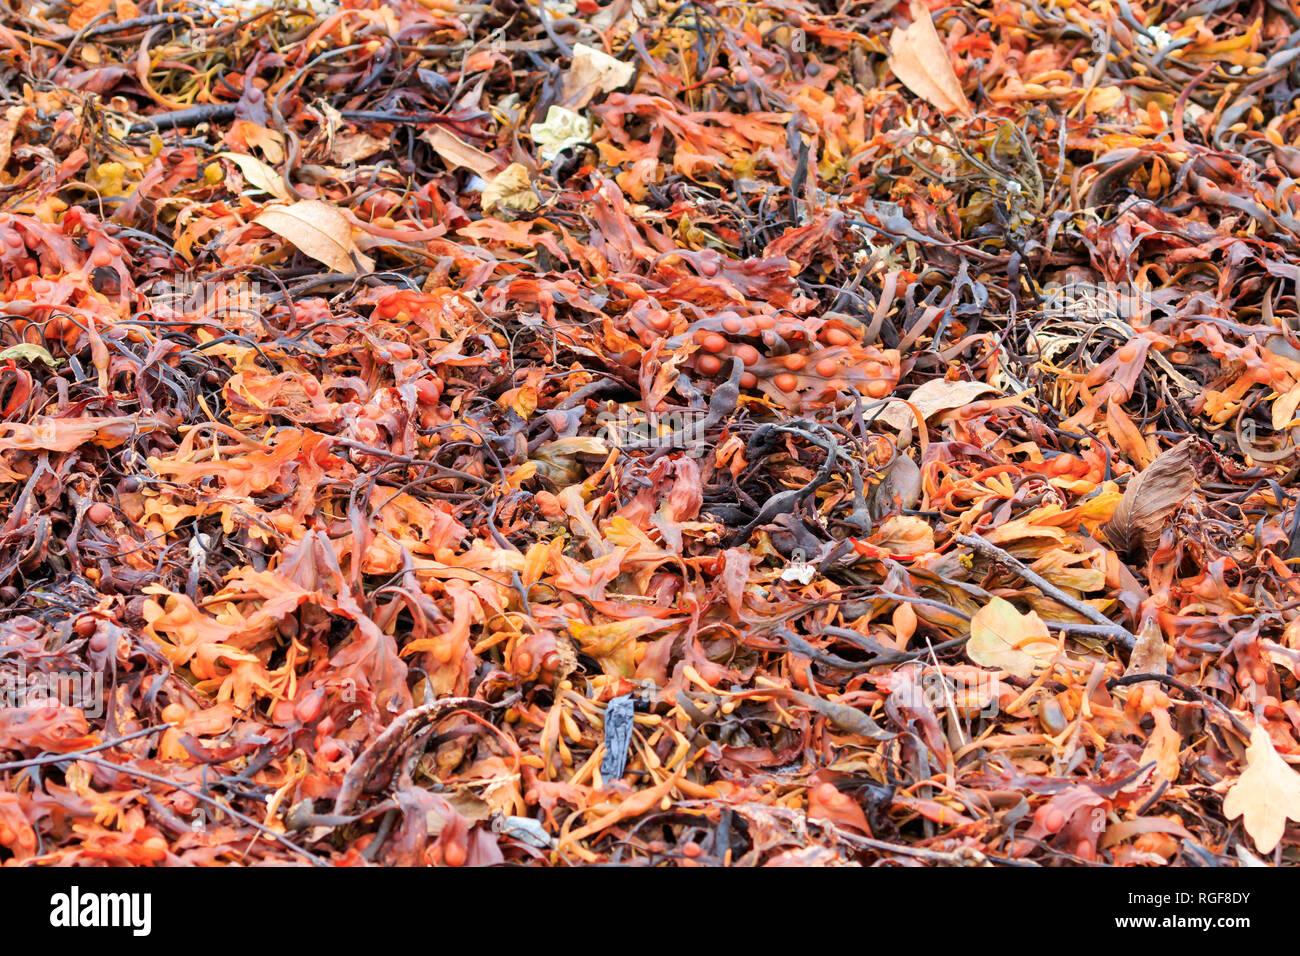 Close up orange coloured seaweed - Stock Image